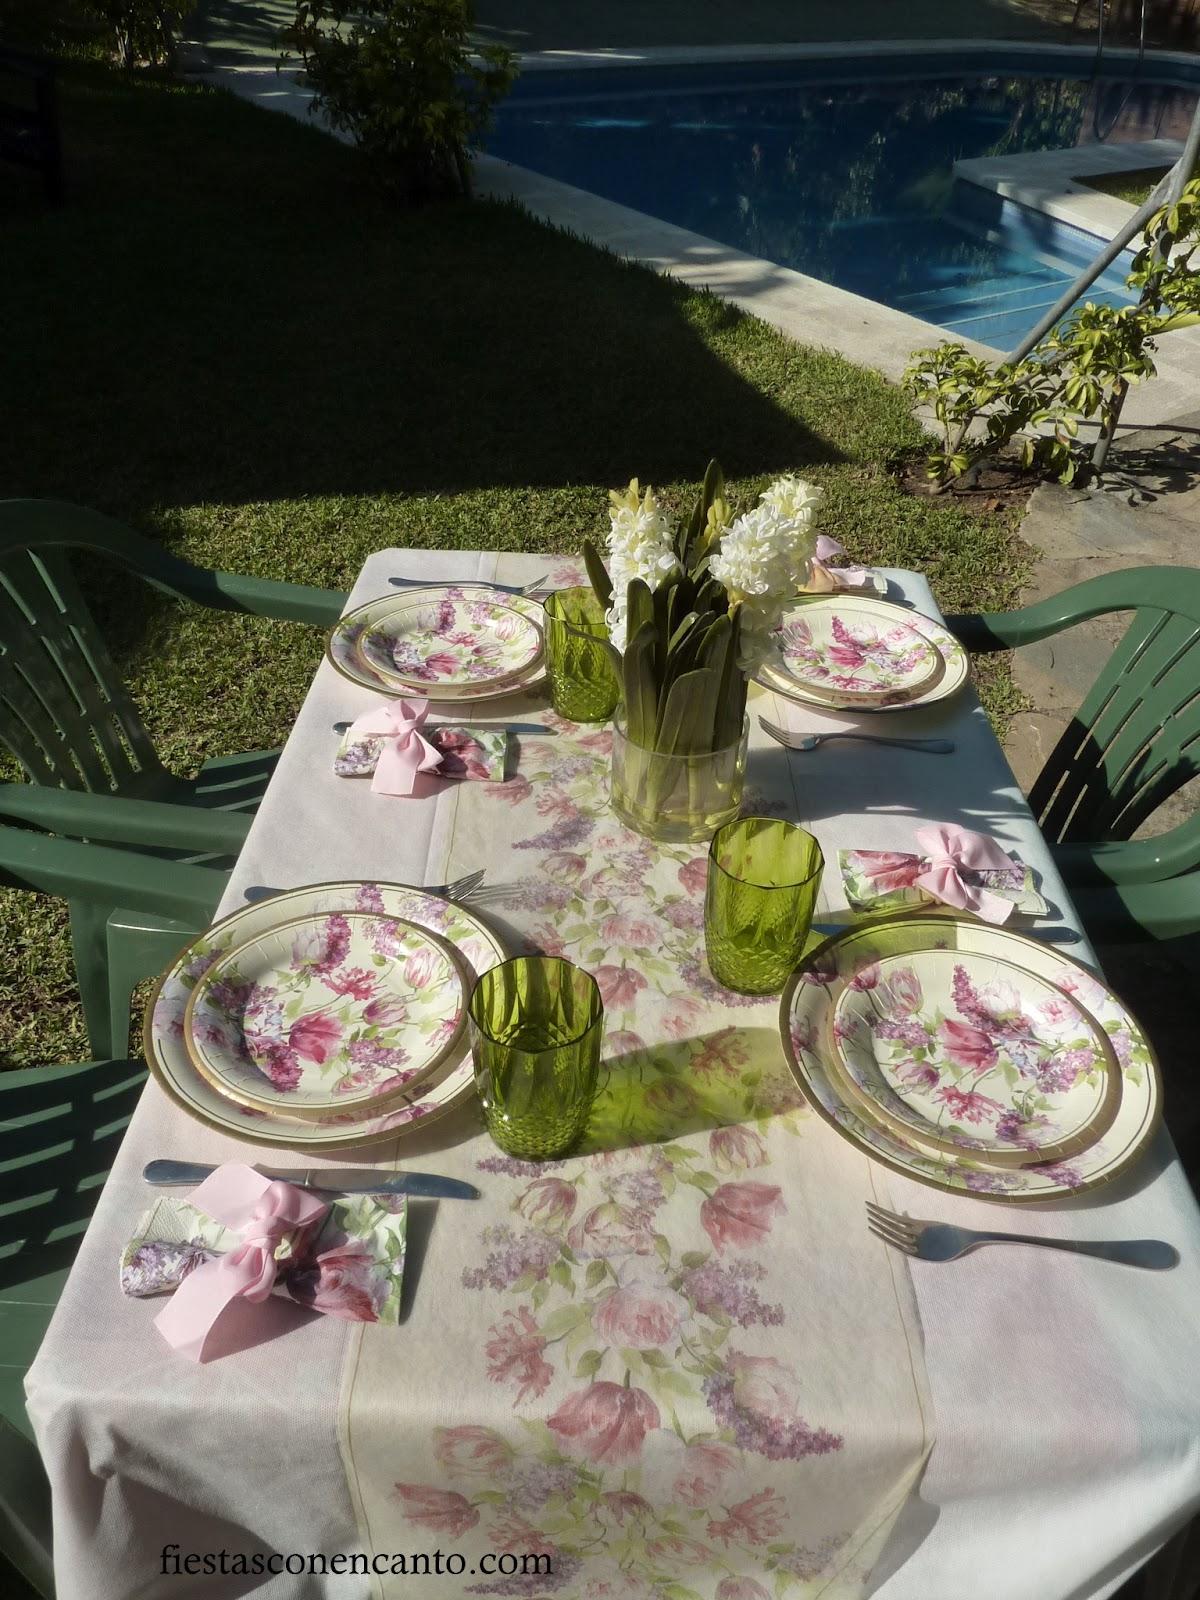 Decoraci n de mesa en el jardin lilas paperblog for Decoracion mesas de jardin